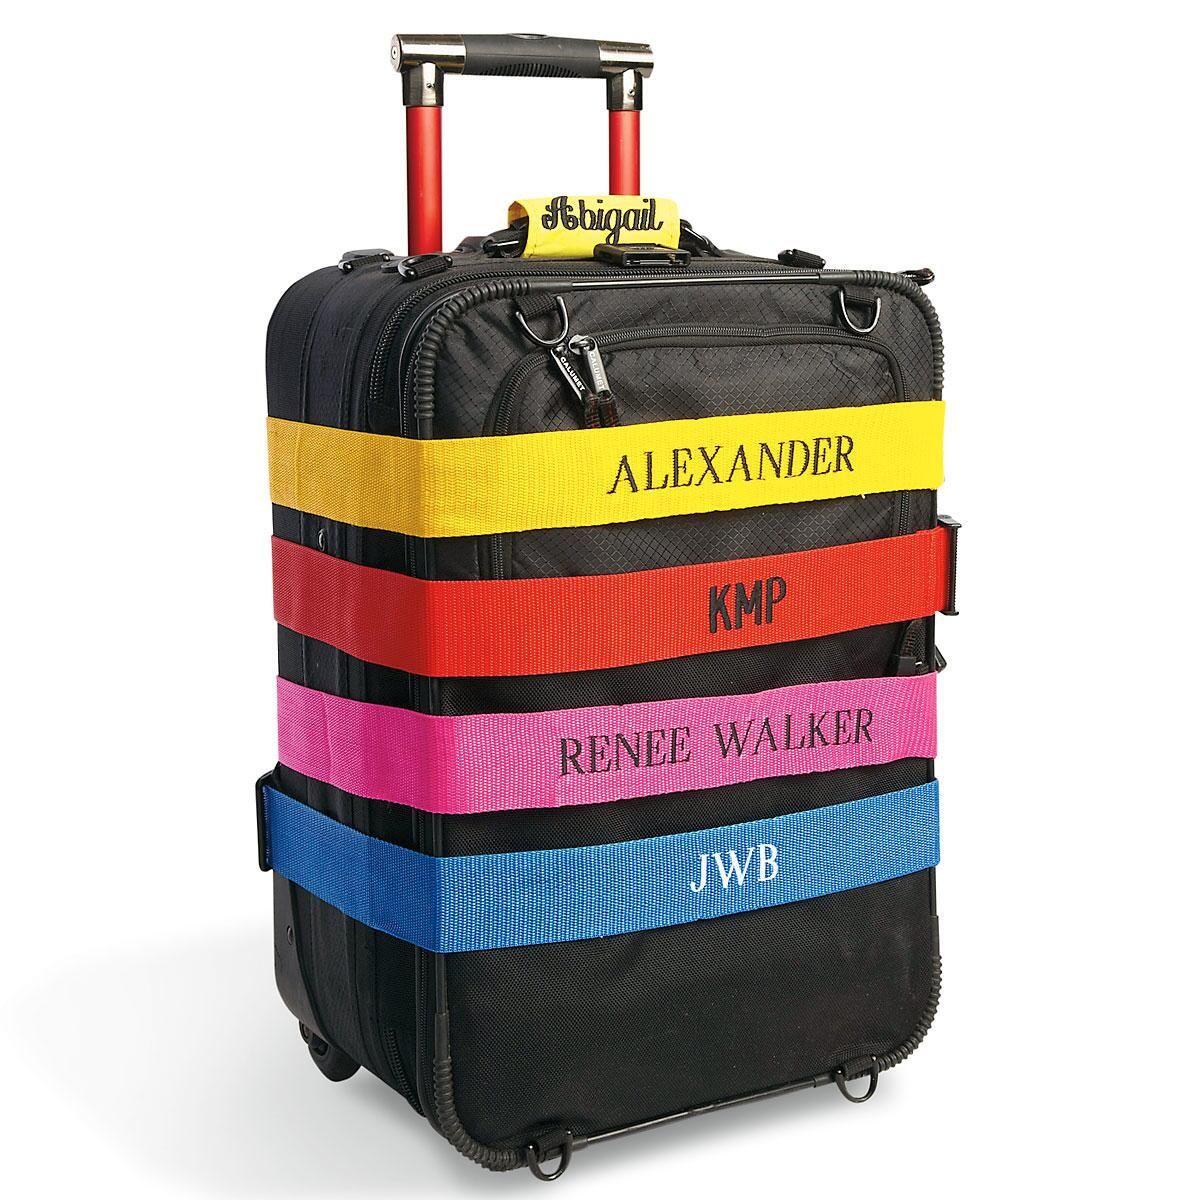 Personalized Luggage Straps Lillian Vernon